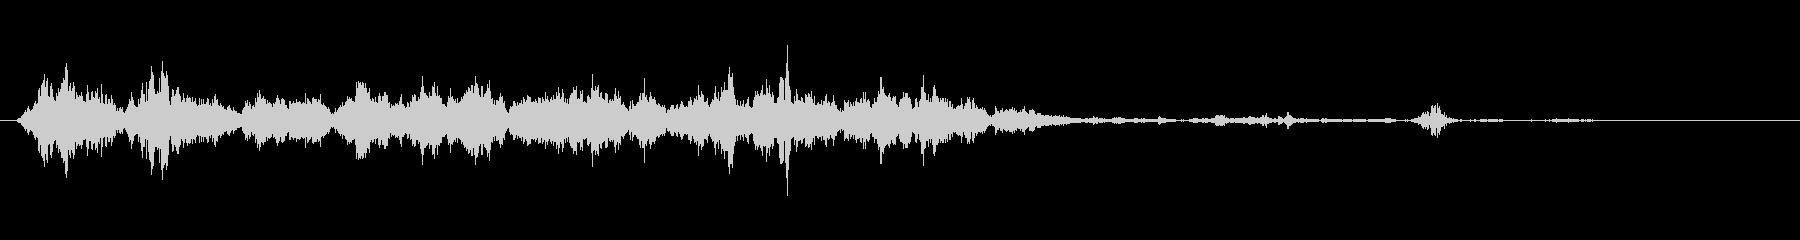 キッズインドアスクリーム0-40の未再生の波形